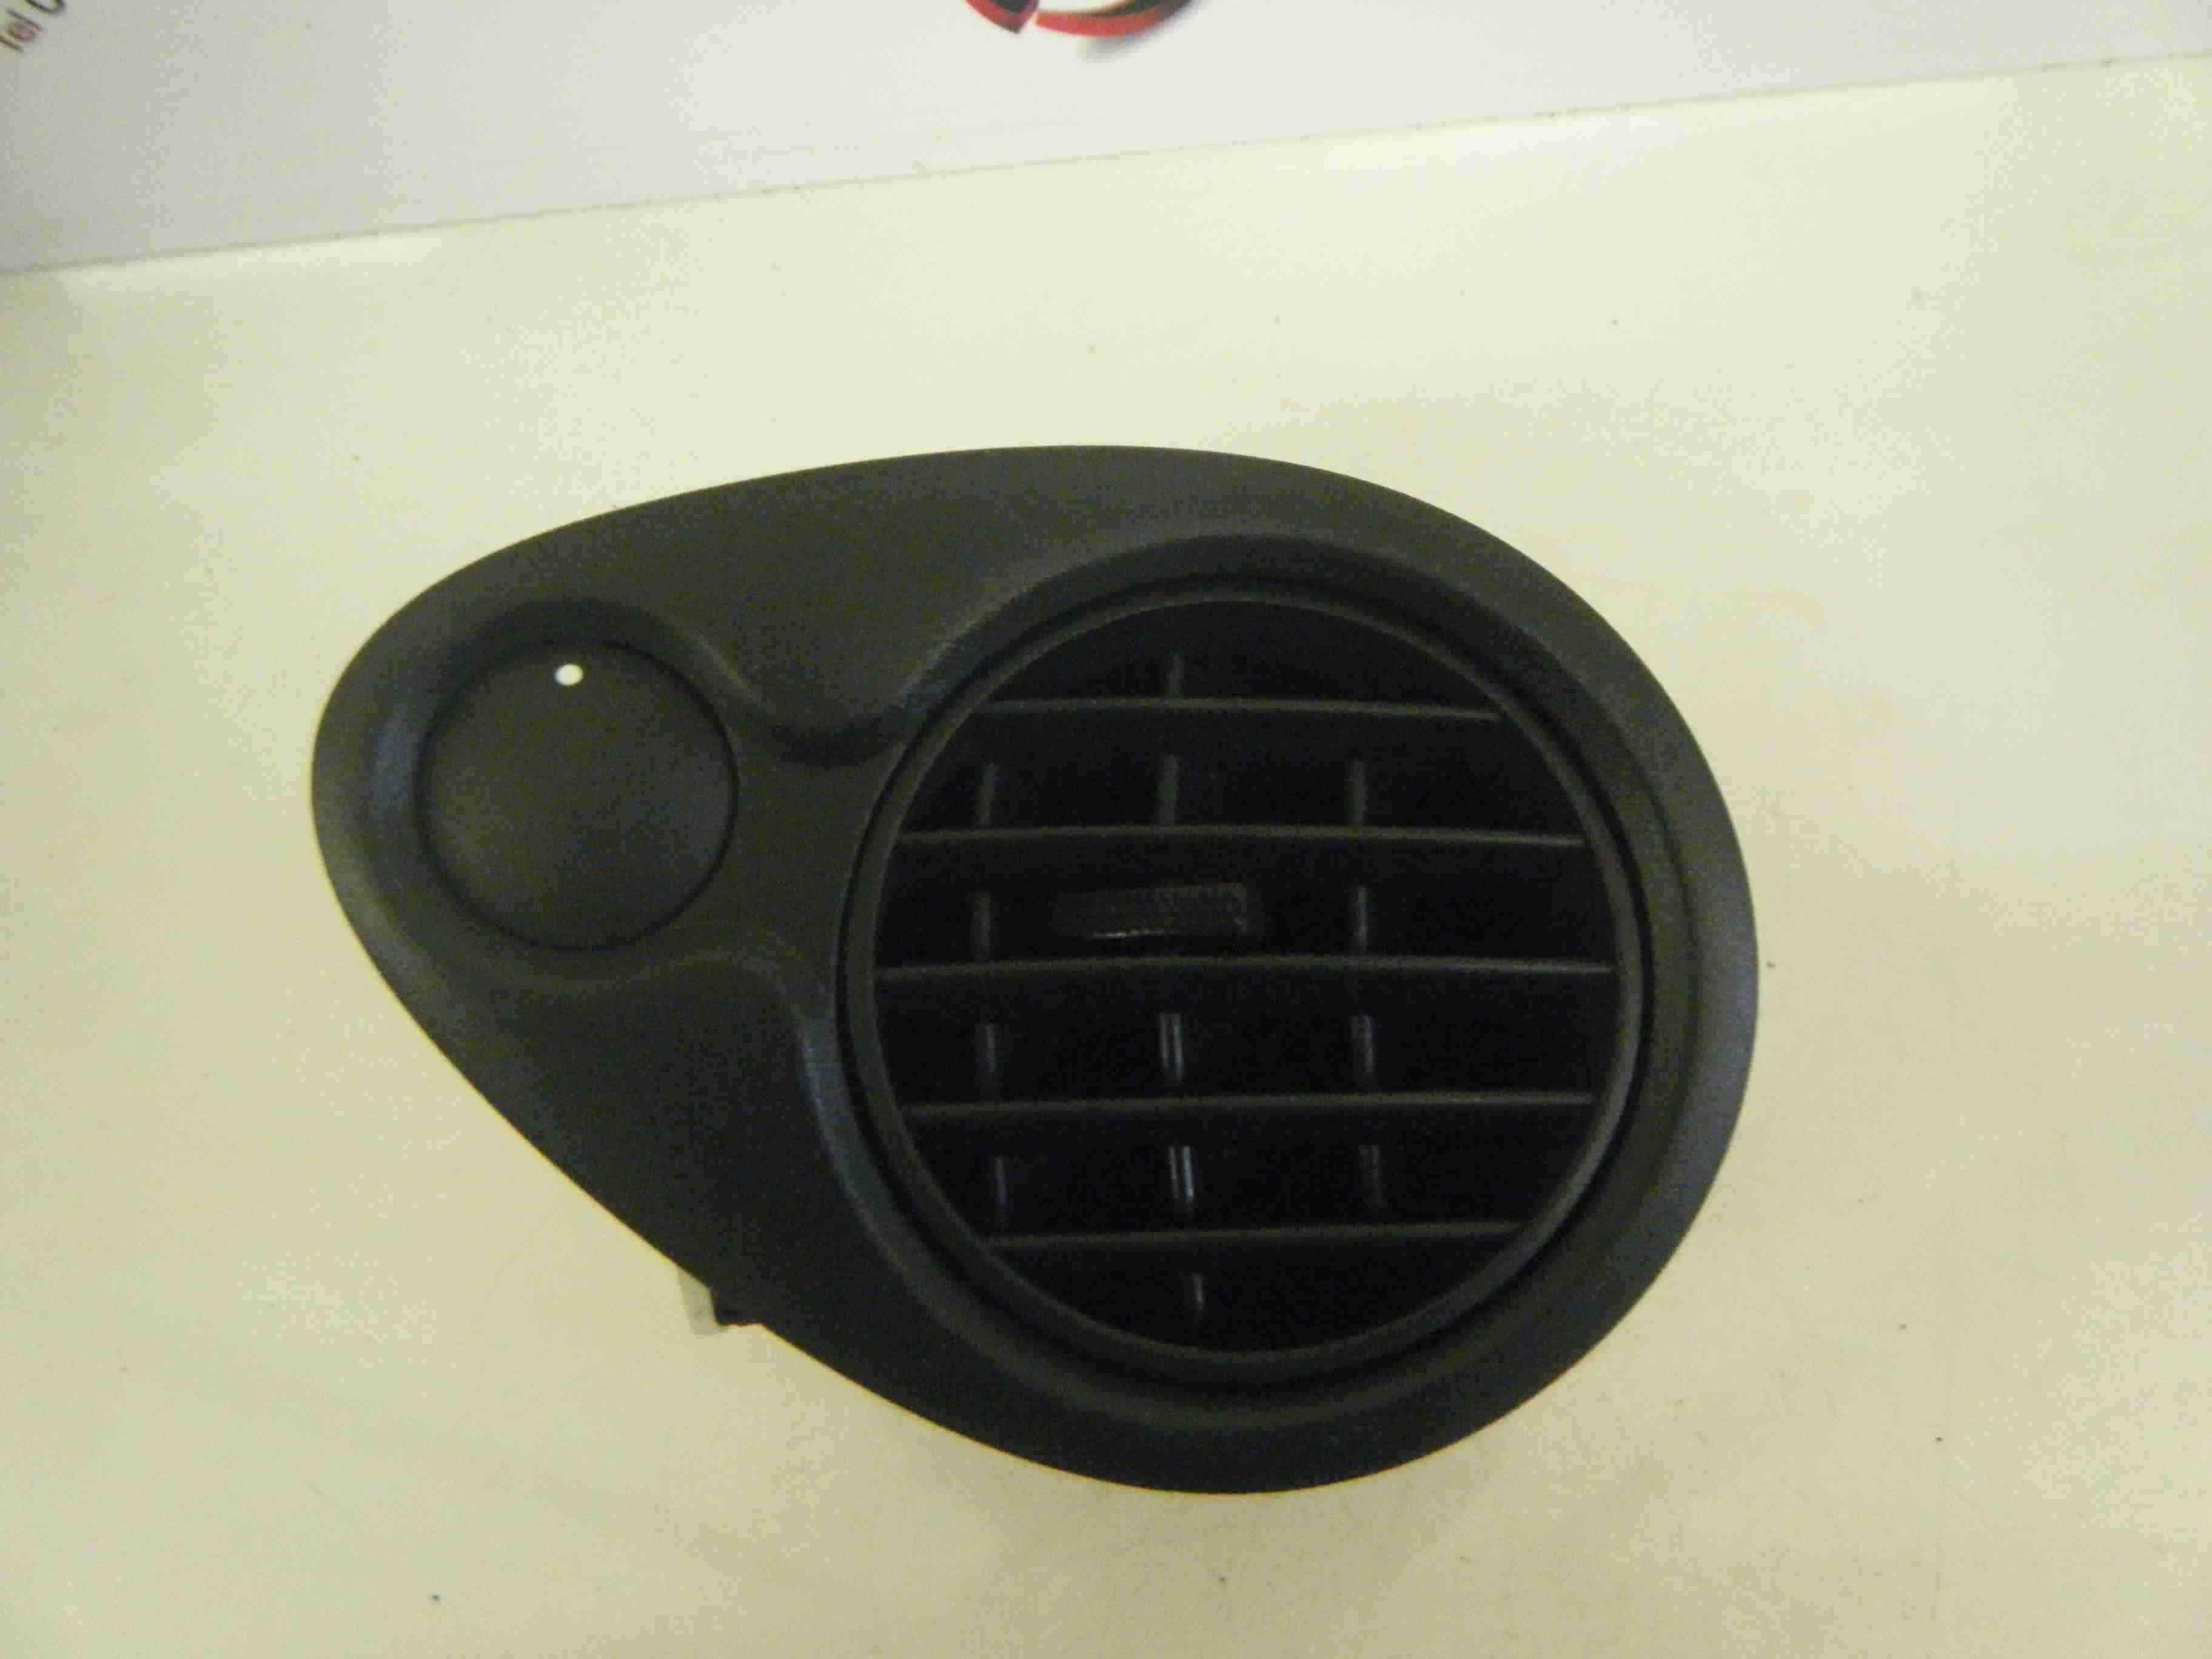 Tjernlund M-Inline Duct Booster Fan, Hydroponic Blower Heat Air